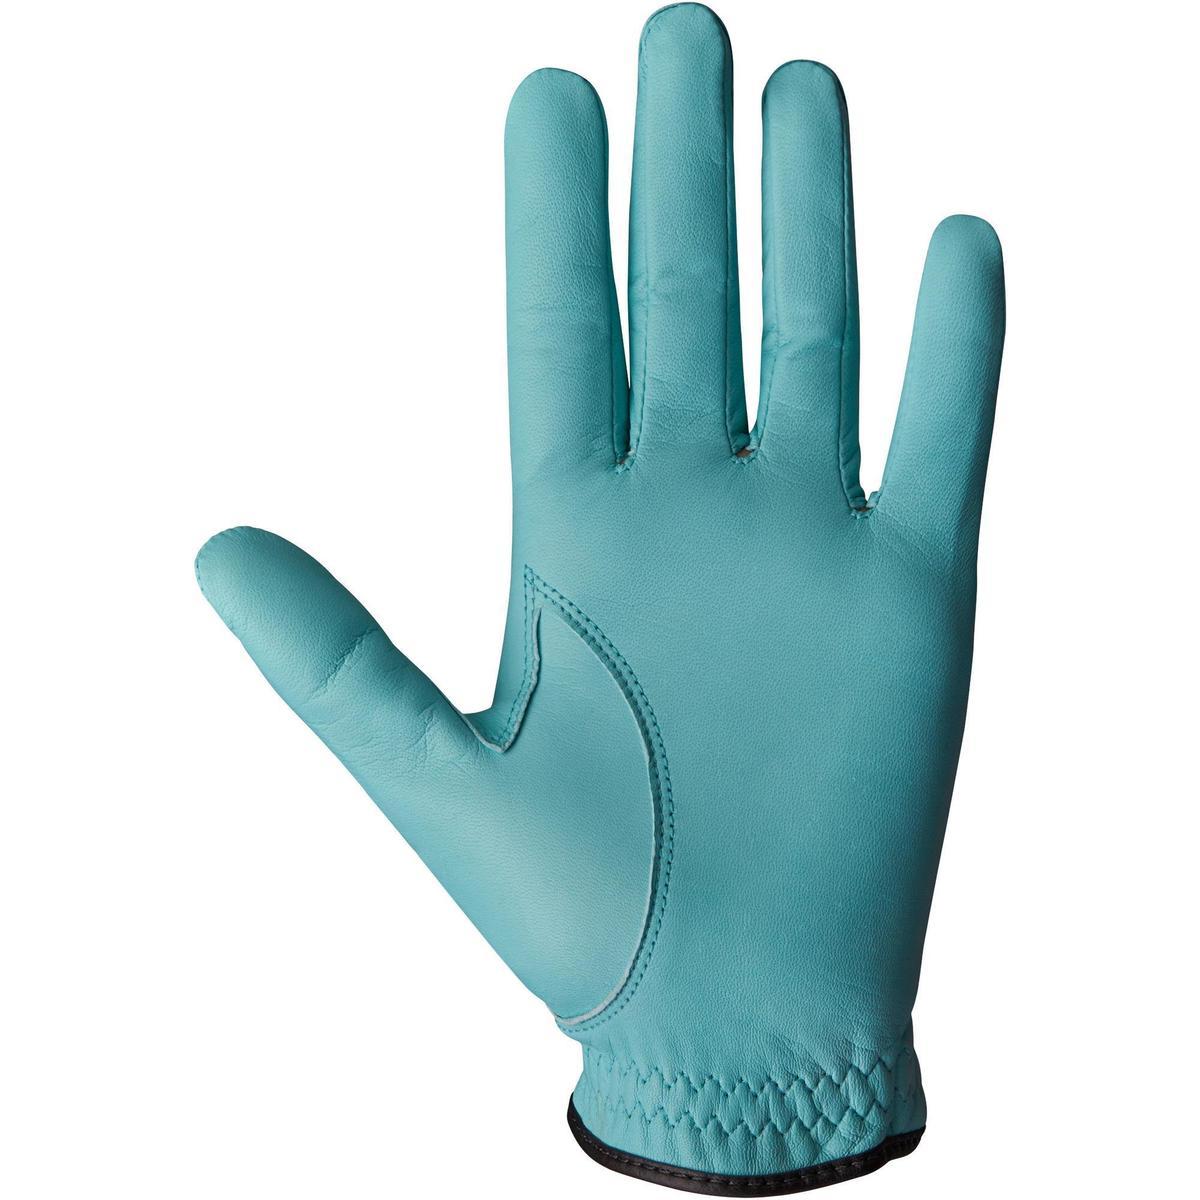 Bild 4 von Golfhandschuh 500 Rechtshand (für die linke Hand) Damen blau